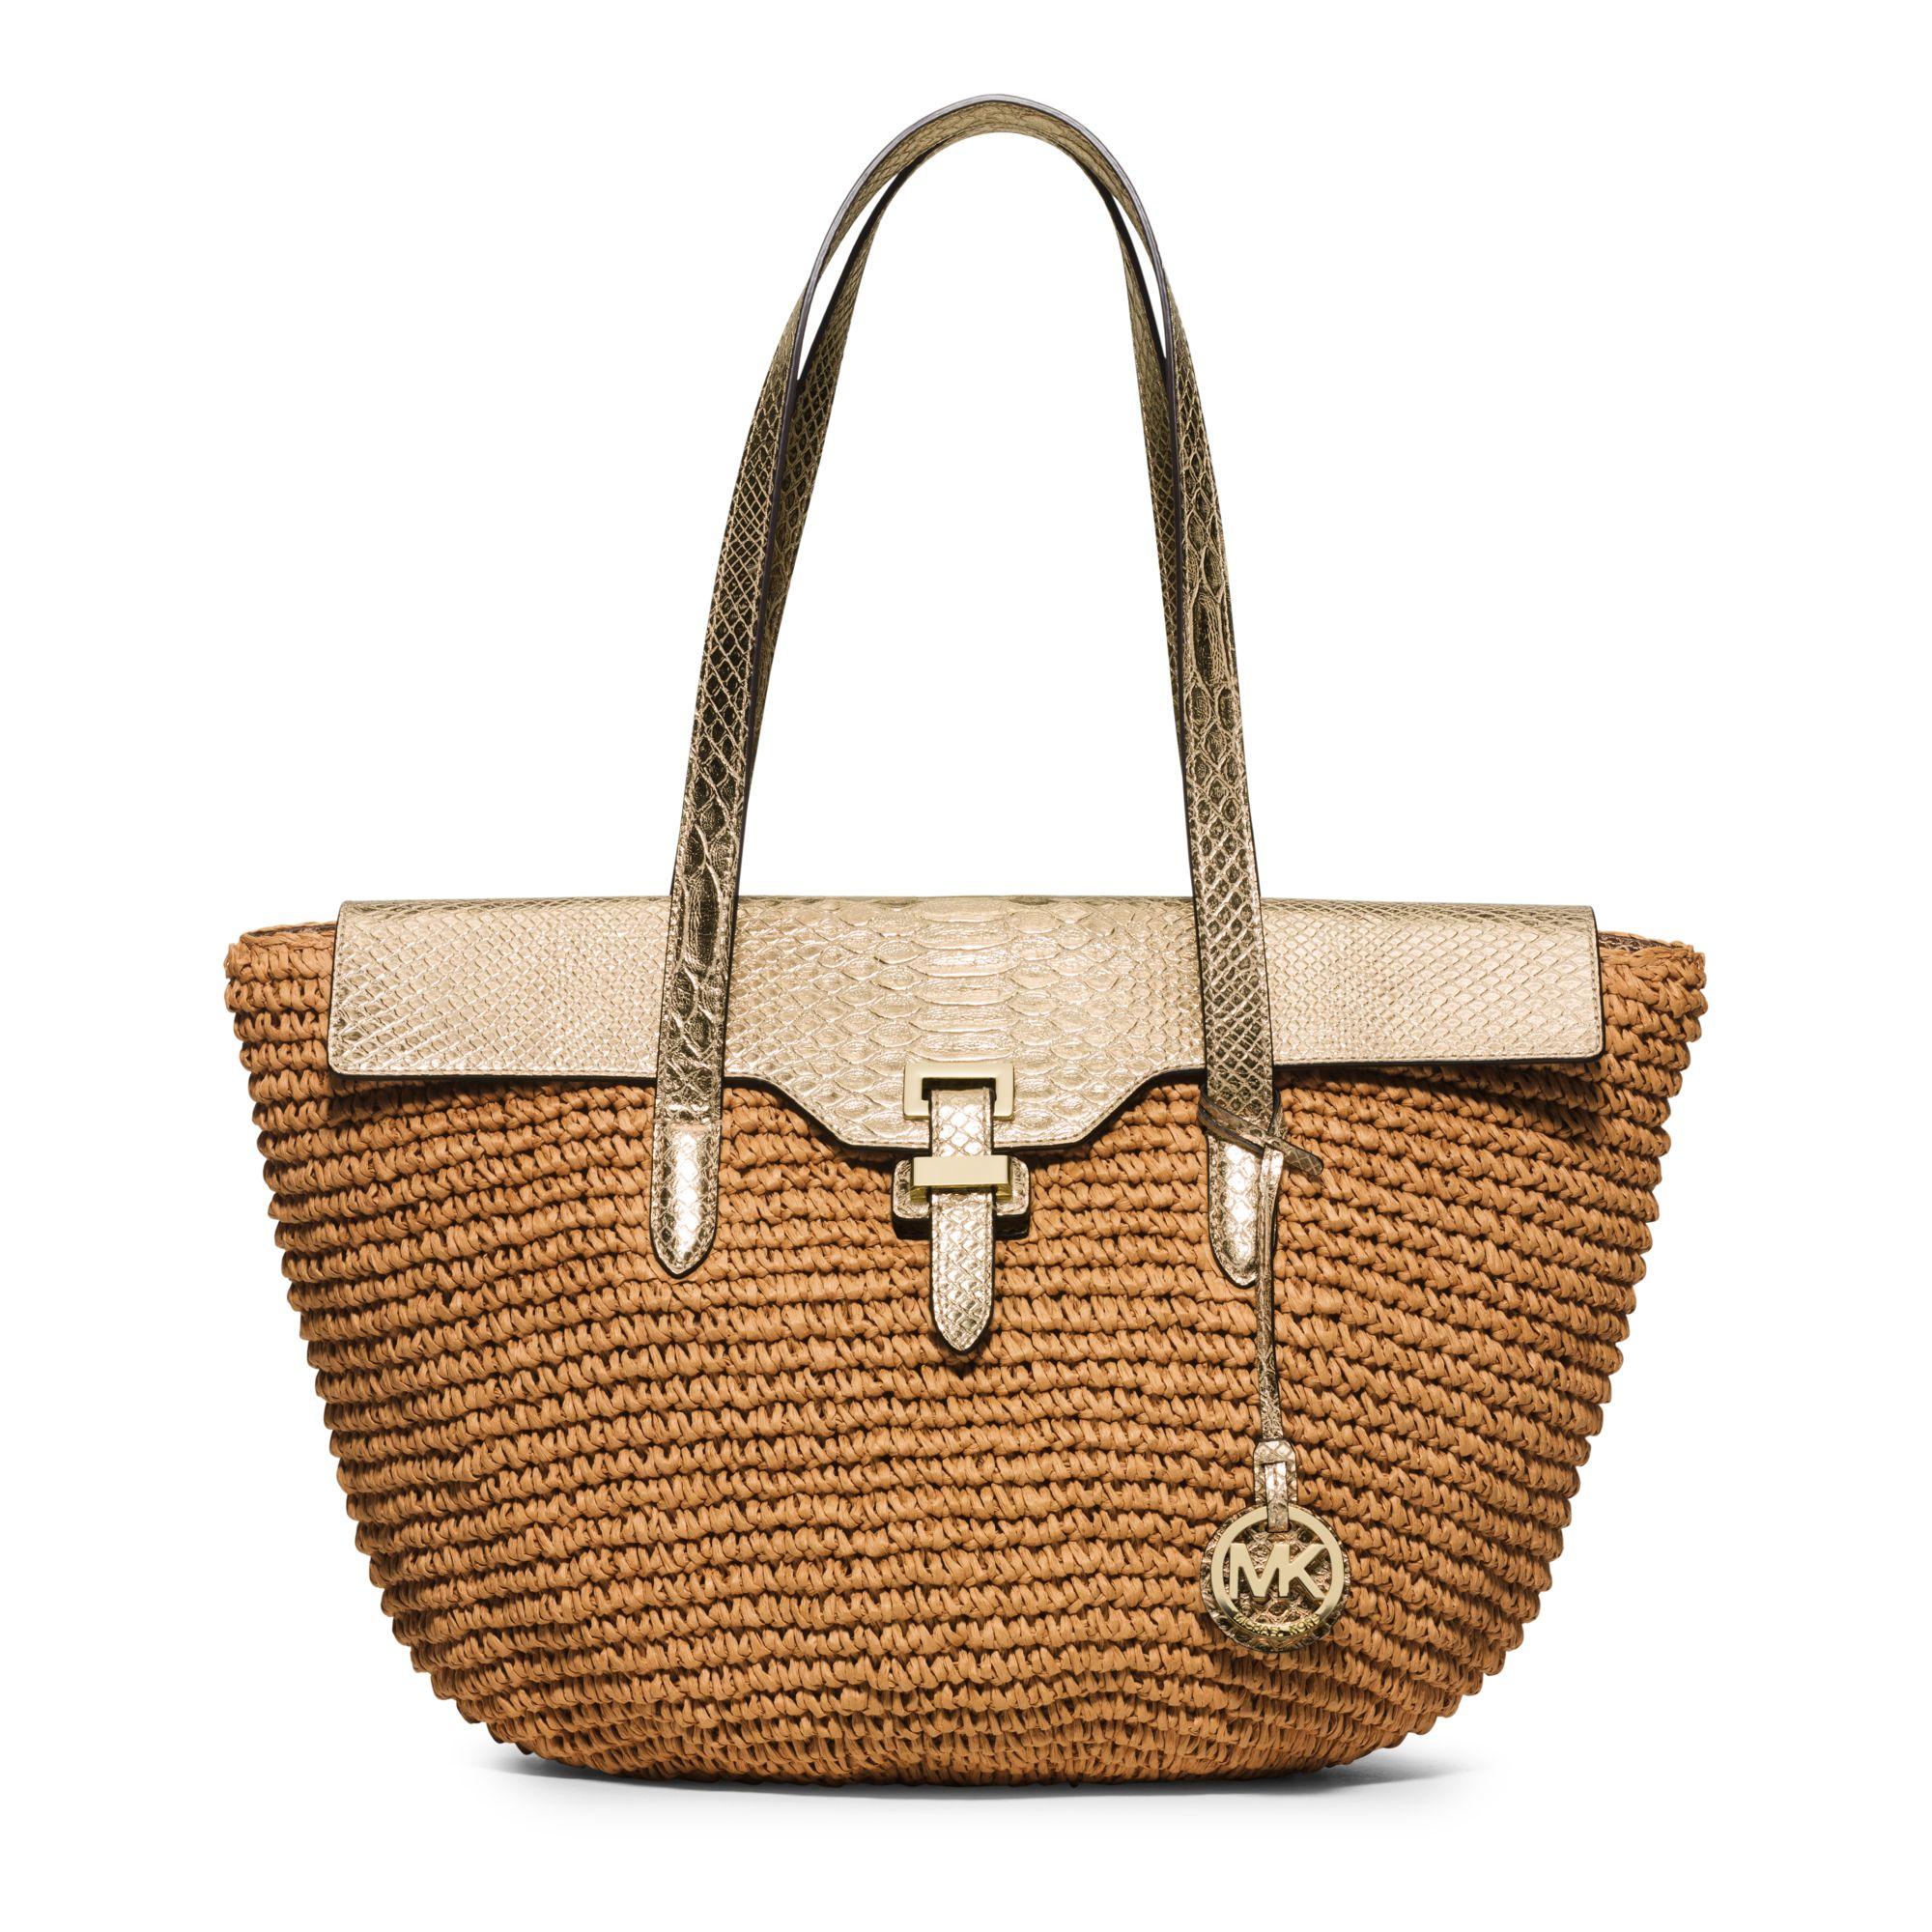 5508262646e9 Michael Kors Straw Handbag - Foto Handbag All Collections ...